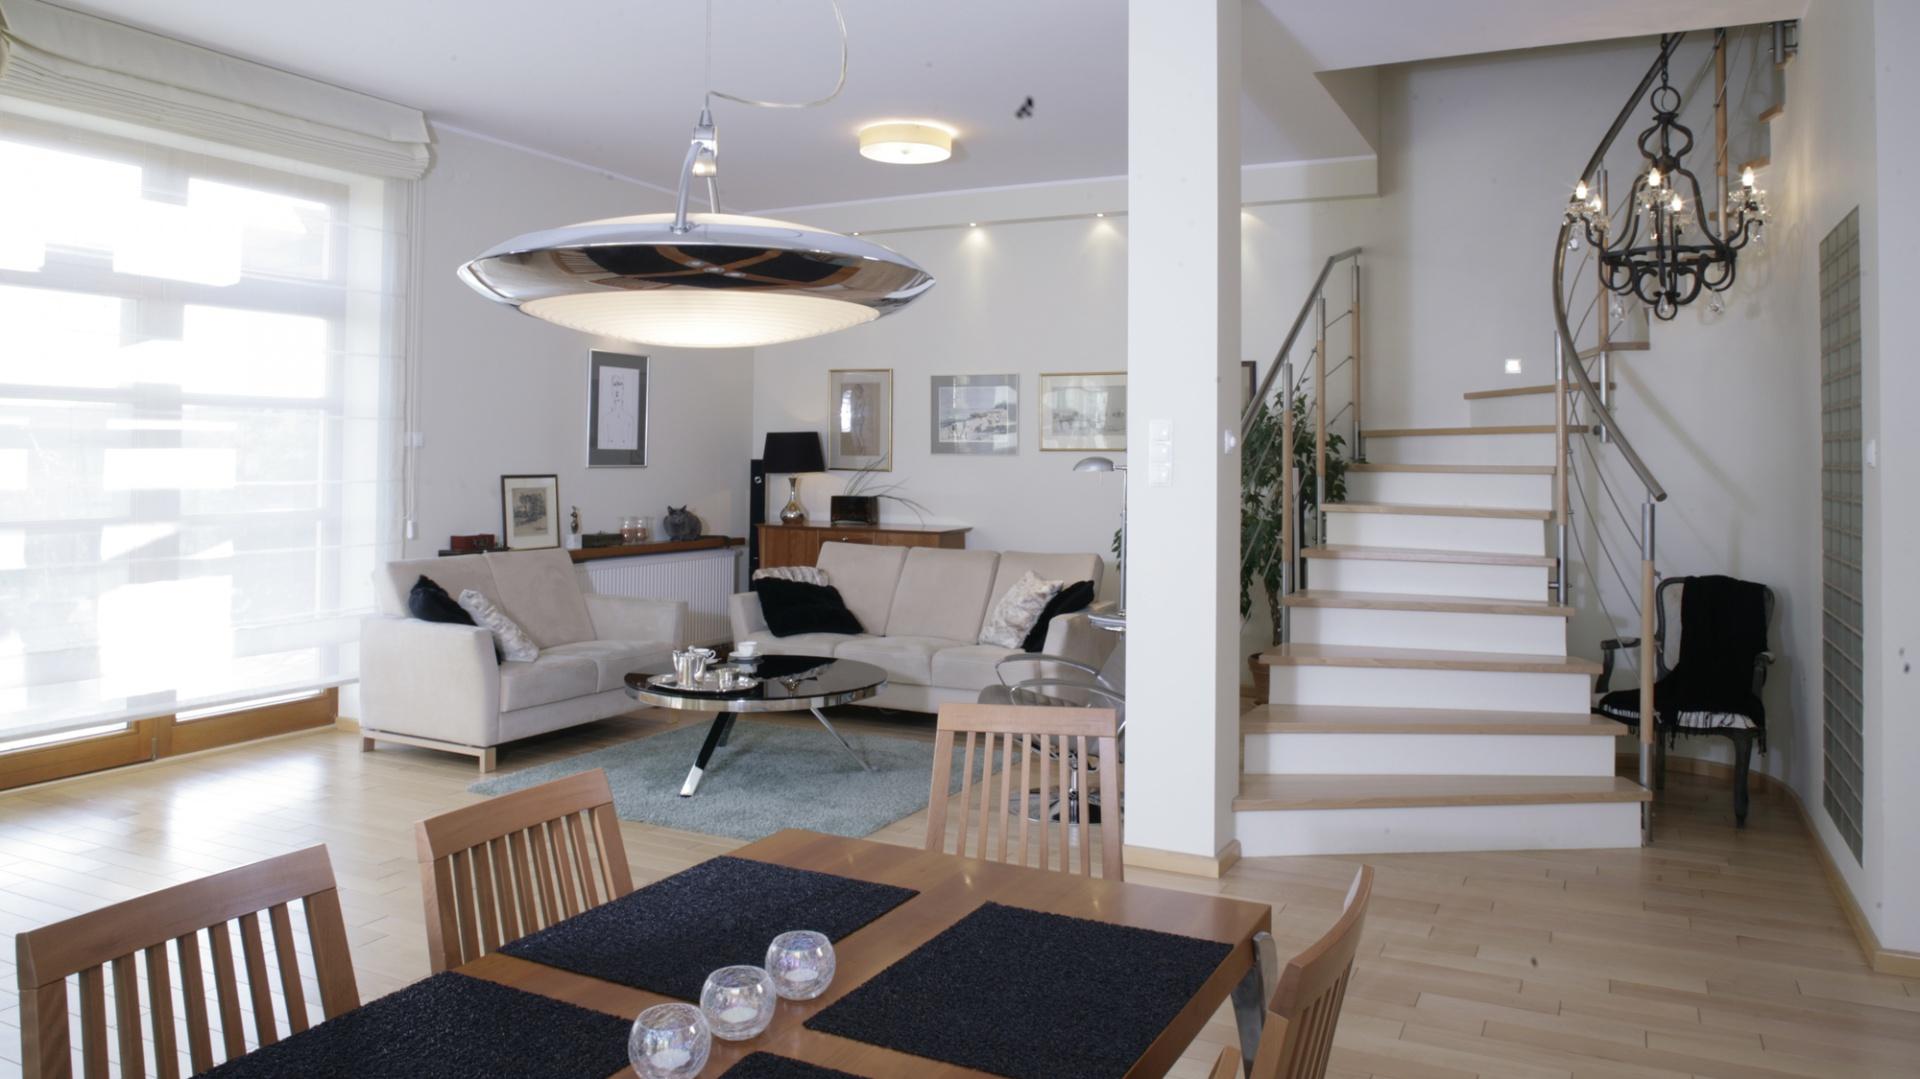 Barwa stylizowanego żyrandola (marka), który oświetla korytarz, nawiązuje do barwy stolika kawowego w części wypoczynkowej. Ciemne elementy kontrastują z wszechobecną we wnętrzu jasnością, dodając mu charakteru. Fot. Monika Filipiuk.